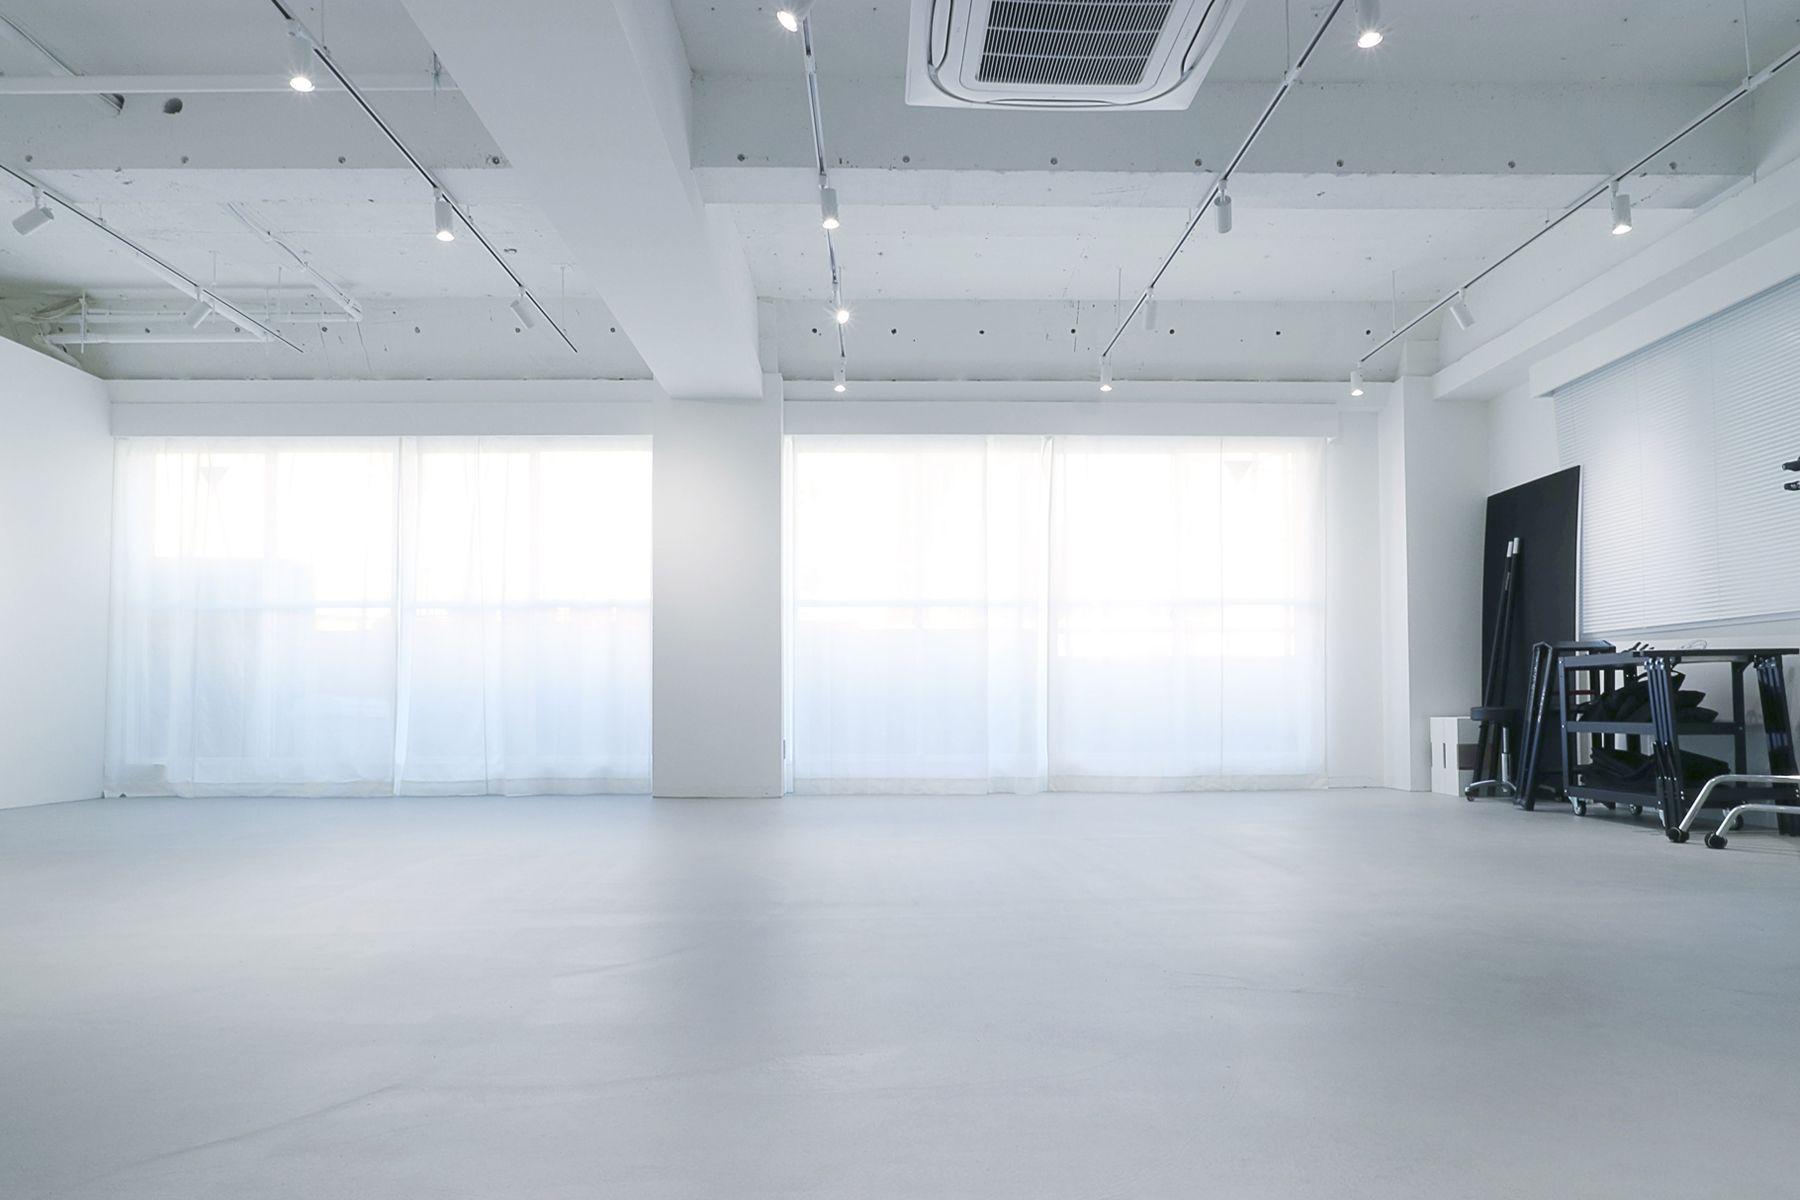 奥渋スタジオ (オクシブスタジオ)開口部の広い窓